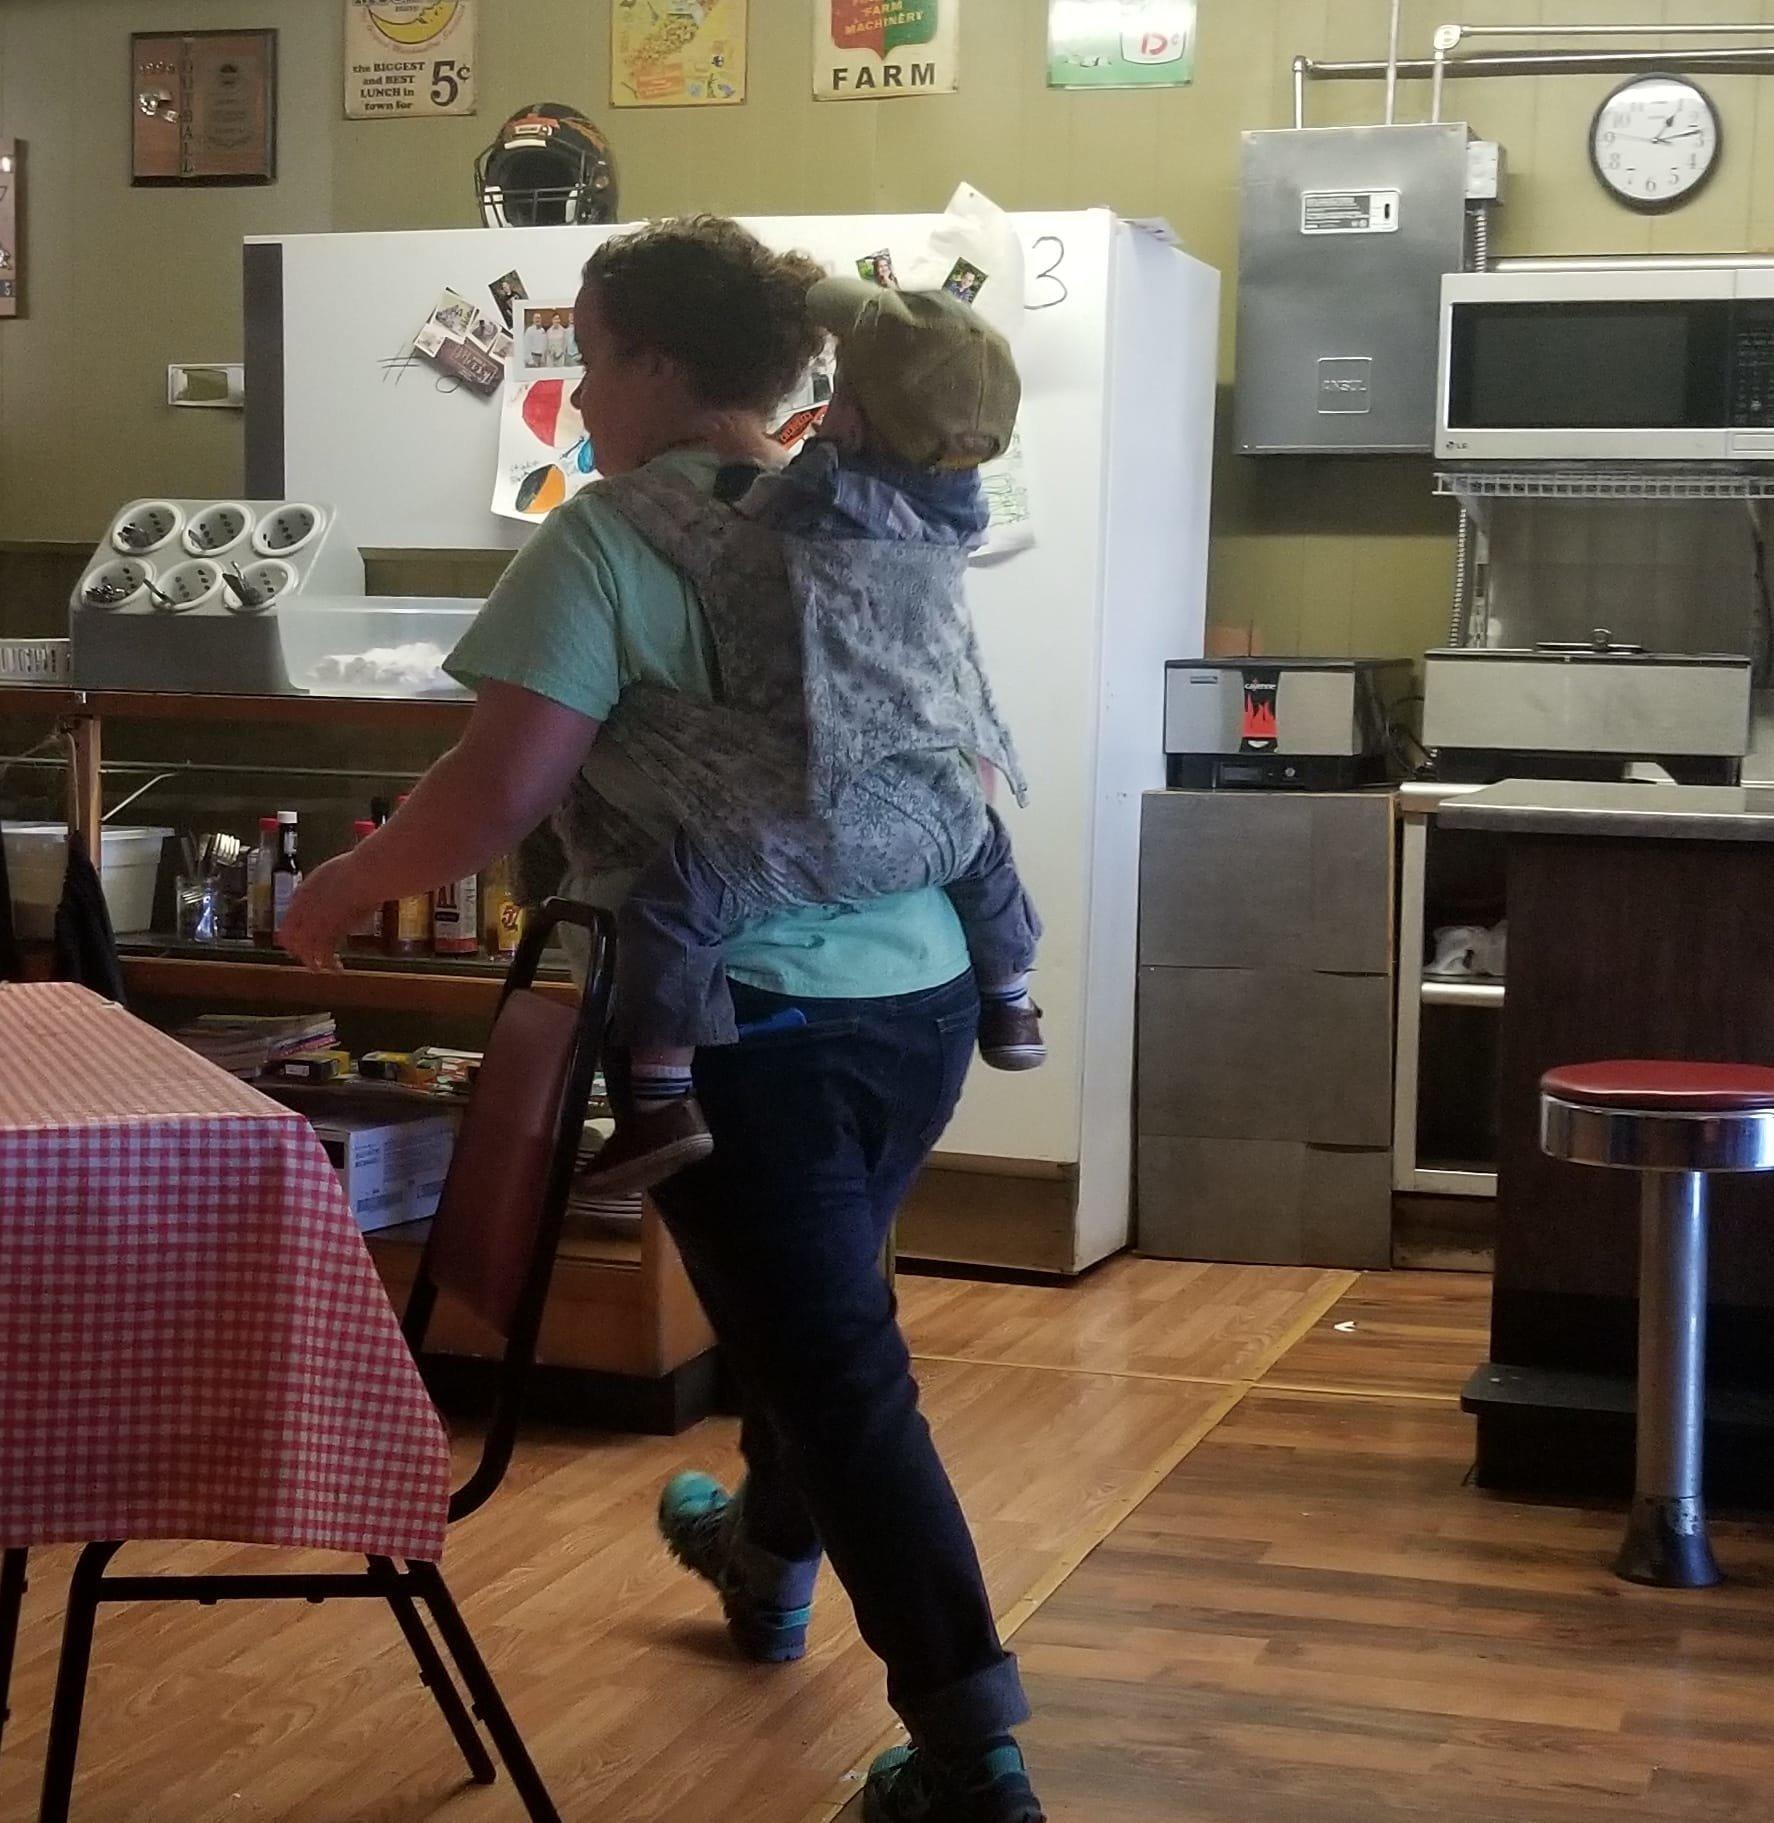 Restaurant: Frau sieht Mutter mit Kind auf Rücken und macht sofort ein